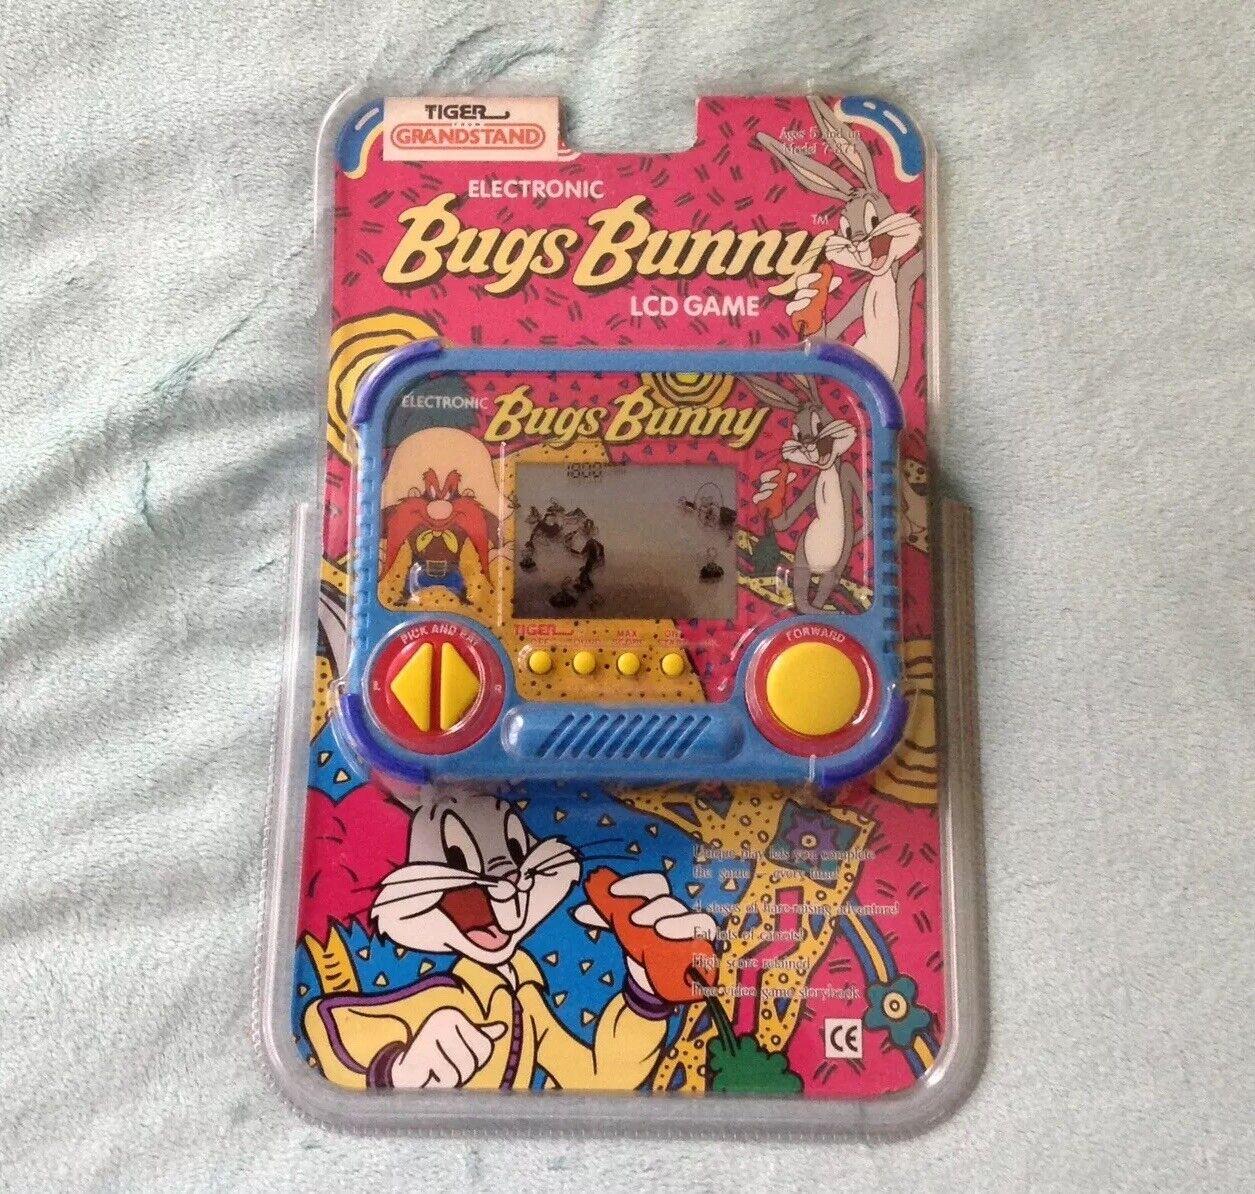 Vintage 1992 Tiger tribuna electrónica Bugs Bunny LCD Juego Con Pilas